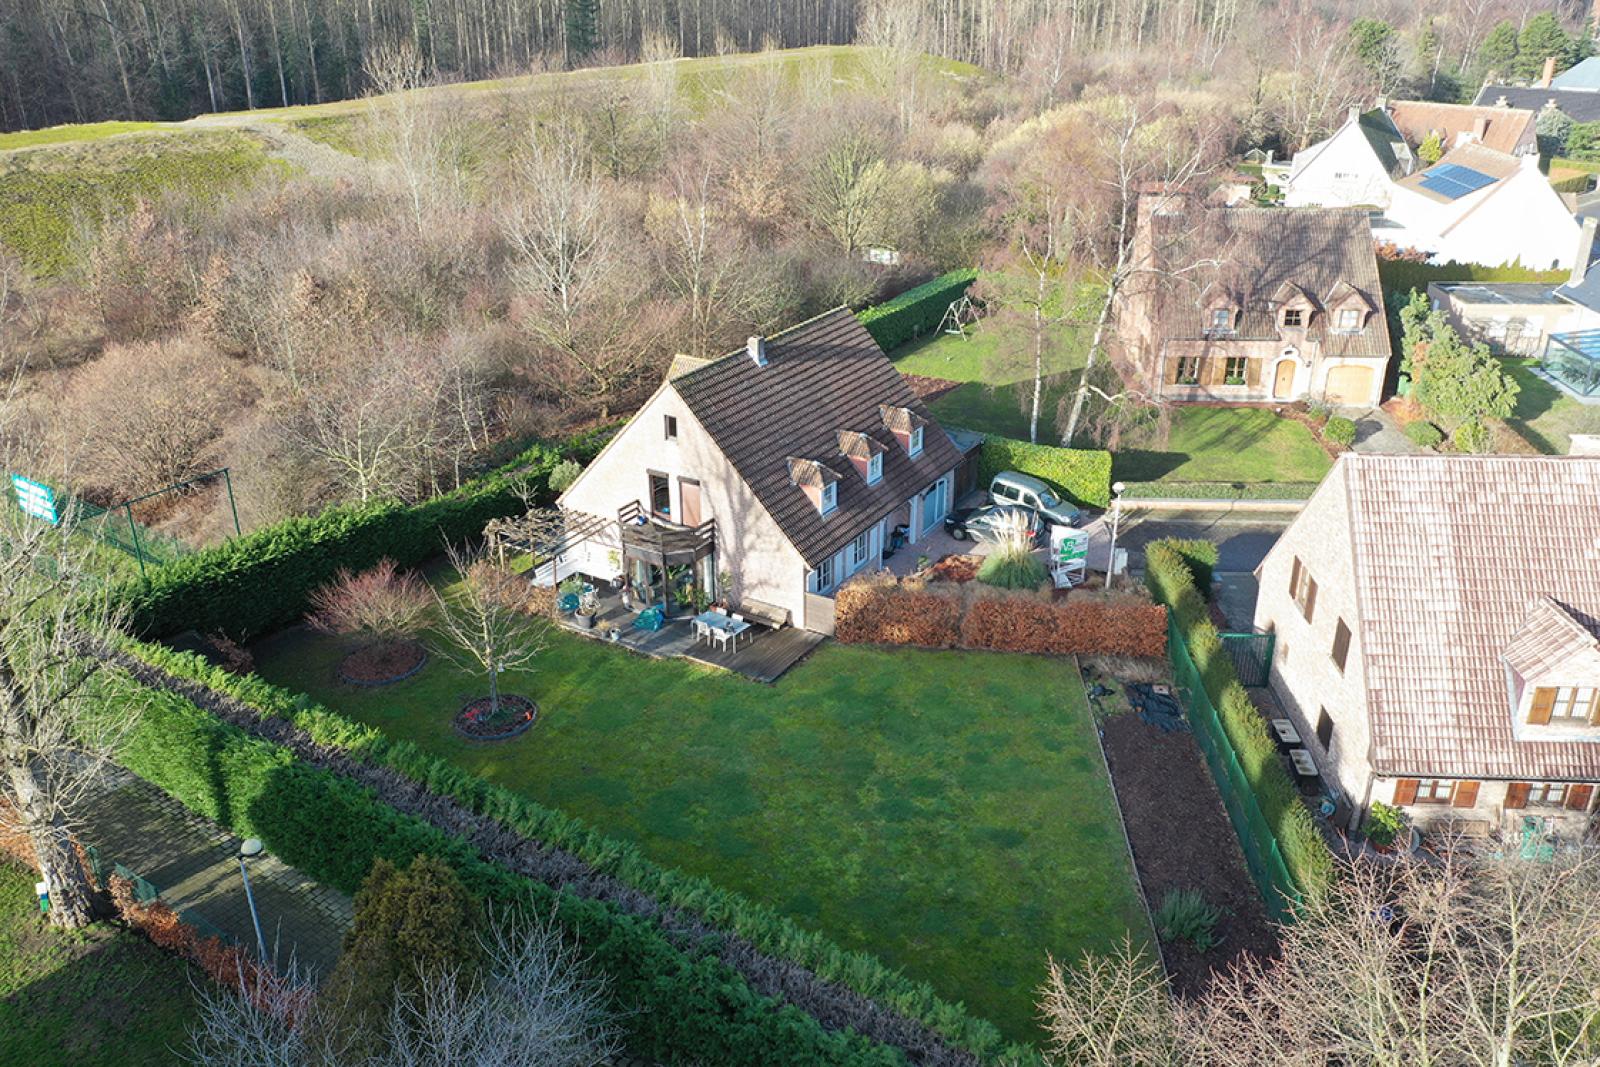 Stijlvolle landelijke villa op een perceel van 1.107 m² in een zeer gegeerd doodlopend straatje te Linkeroever! afbeelding 1